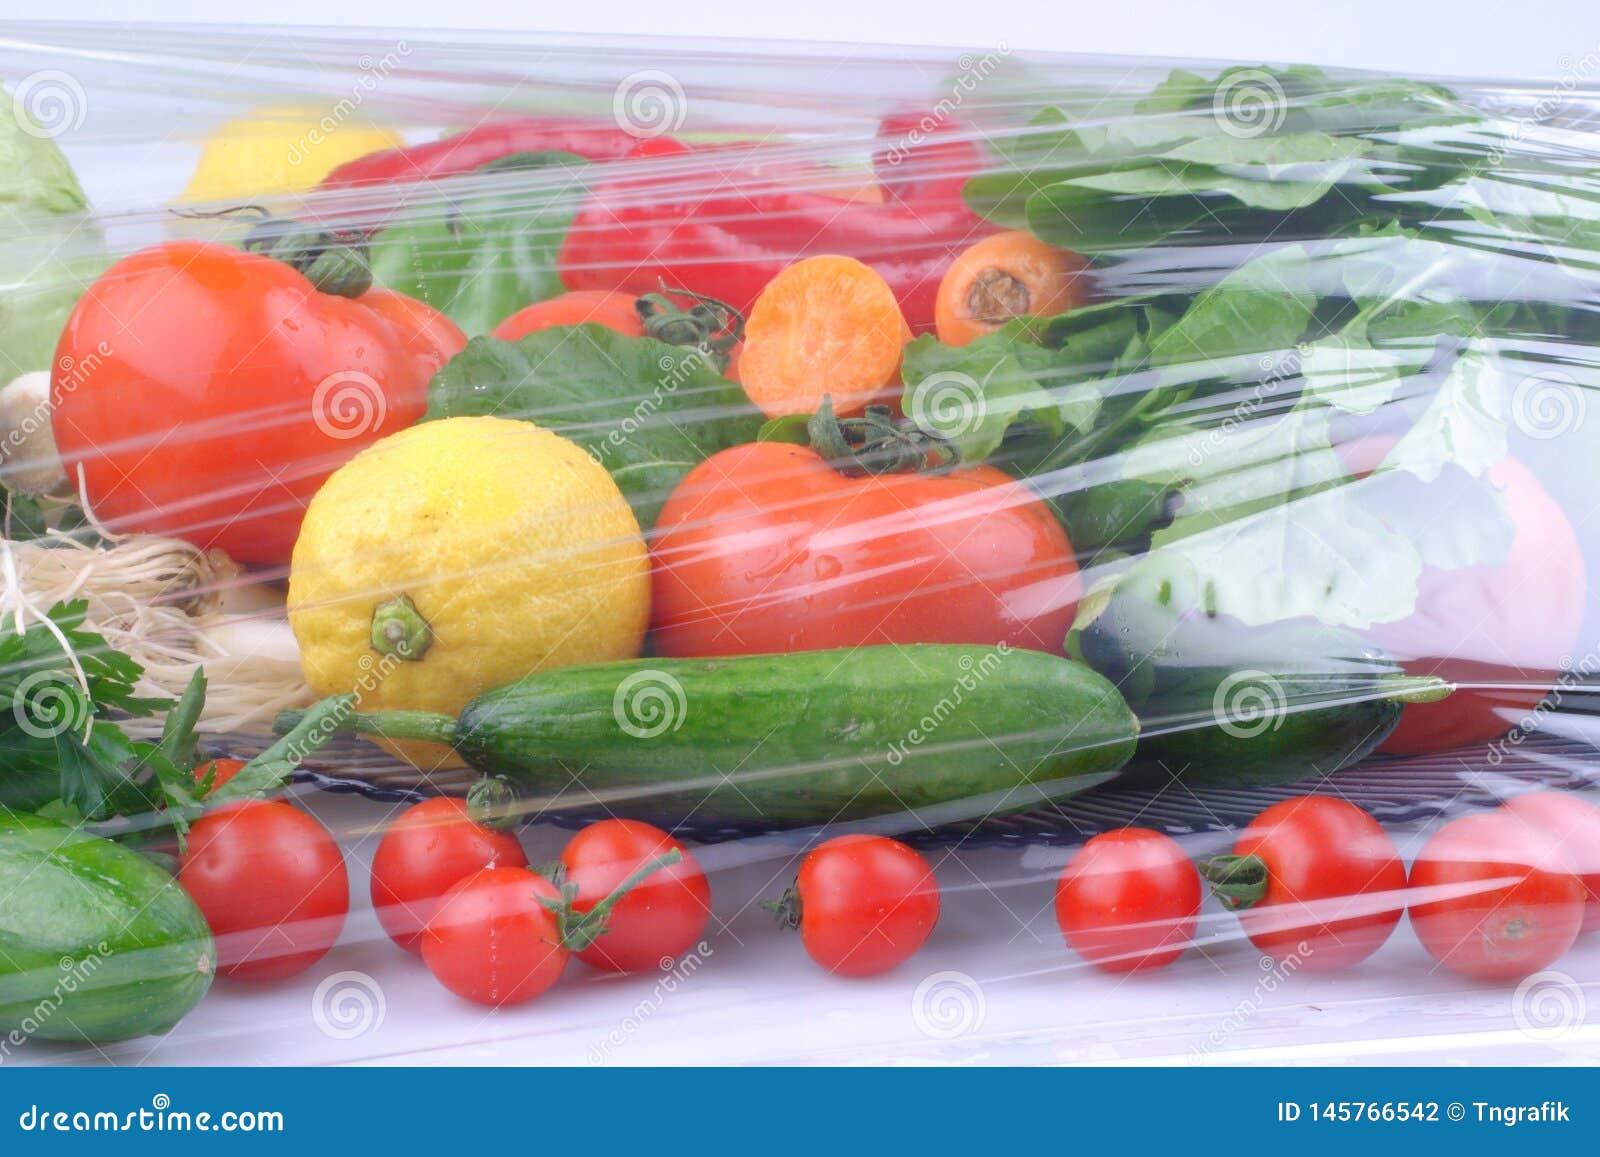 Λαχανικά στο μαύρο υπόβαθρο Οργανικά τρόφιμα και φρέσκα λαχανικά Αγγούρι, λάχανο, πιπέρι, σαλάτα, καρότο, μπρόκολο, lettuc